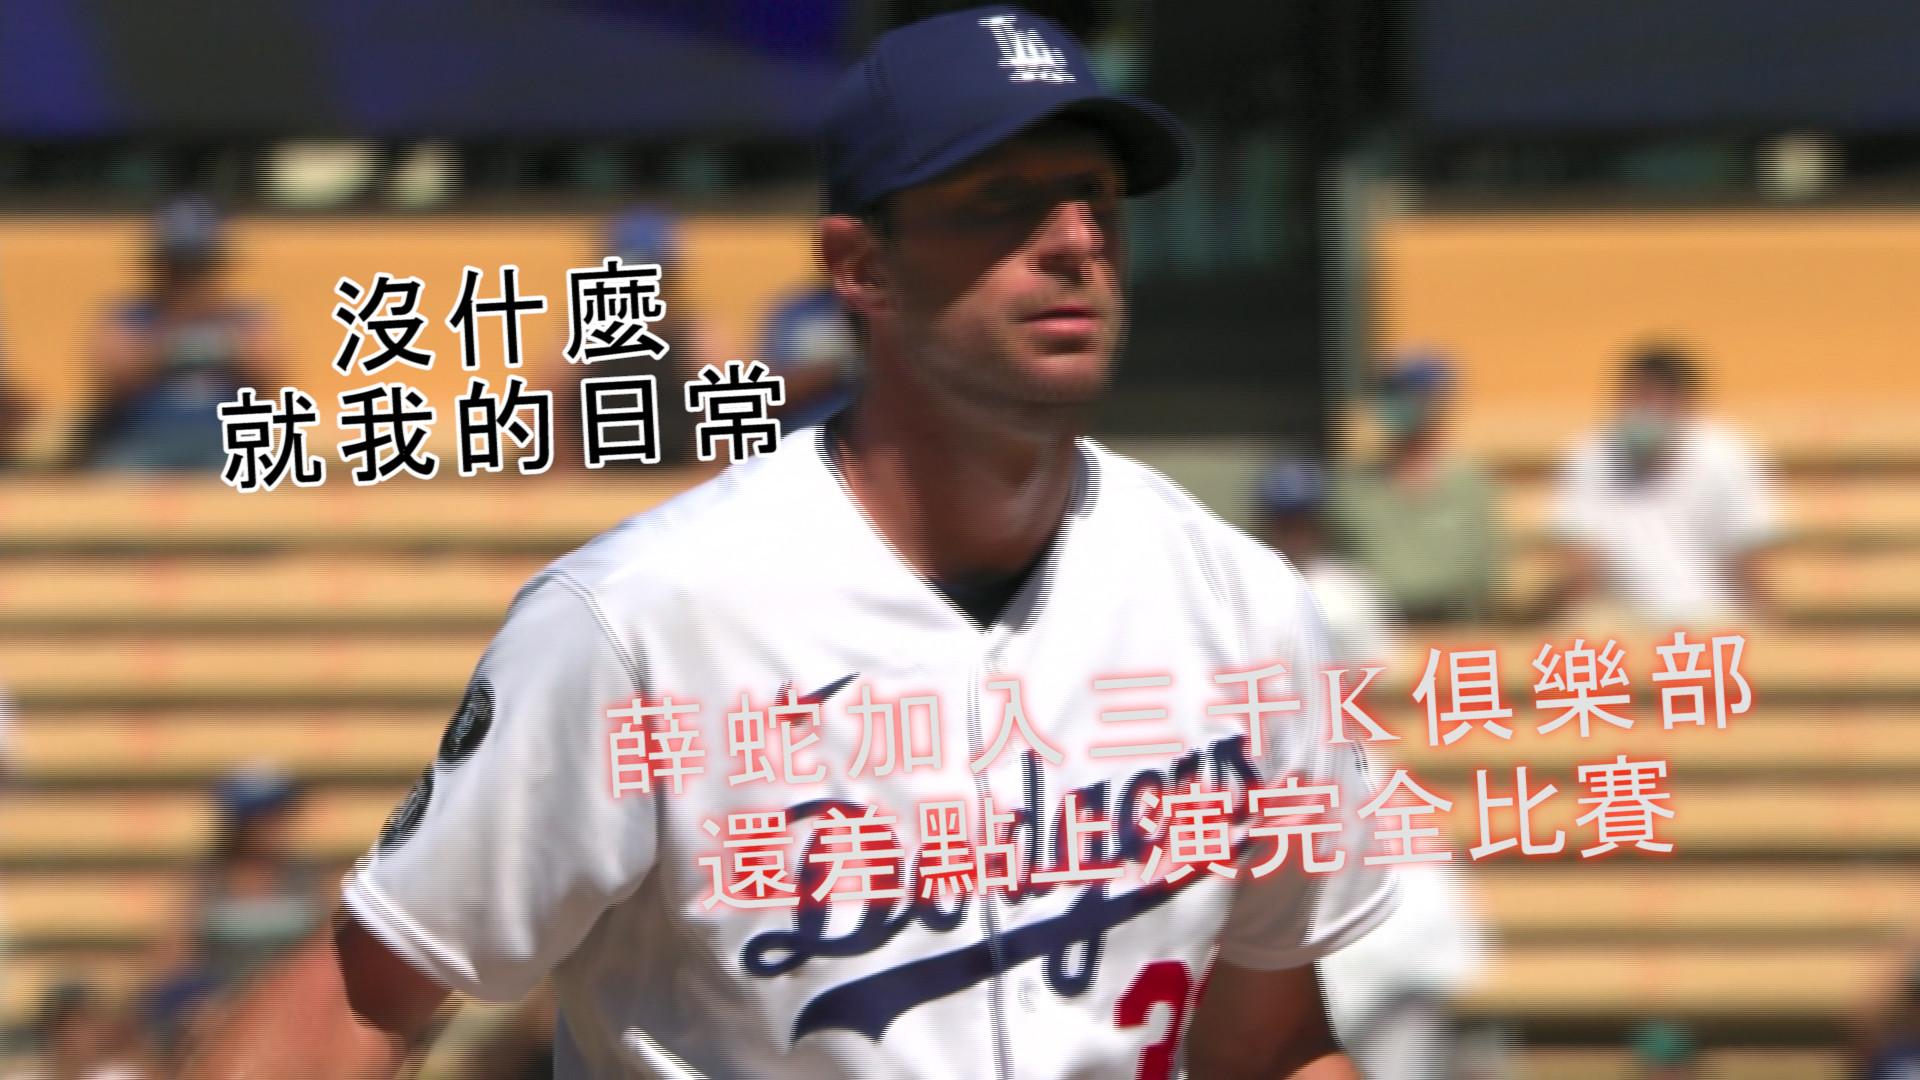 【MLB看愛爾達】薛蛇日常沒什麼 現役唯二締造三千K 9/13